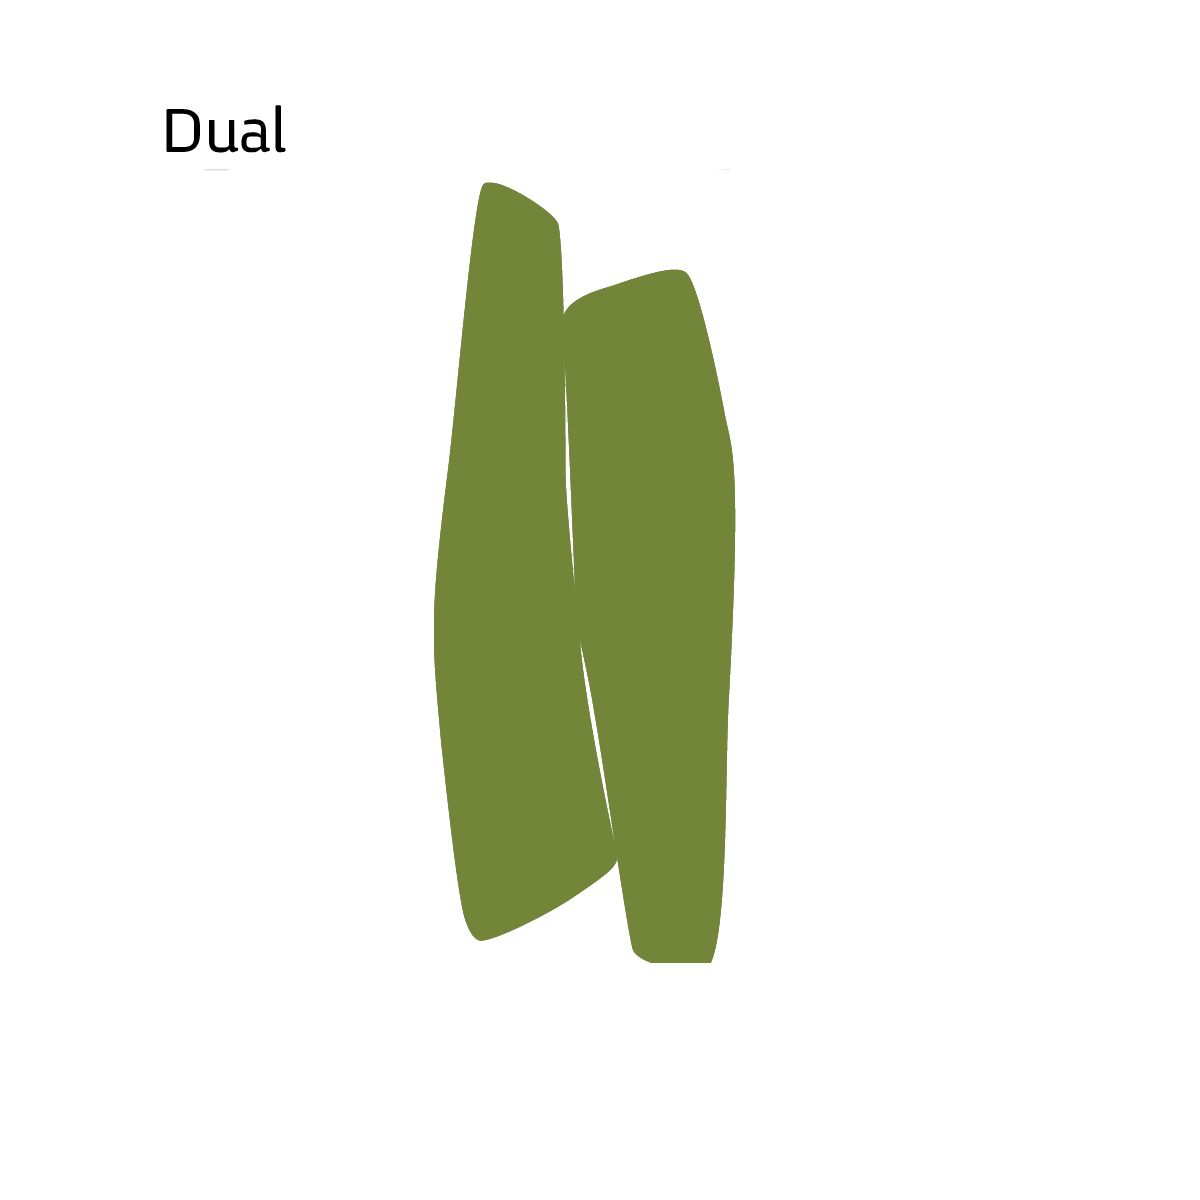 שטיח לבד בצבע ירוק Dual